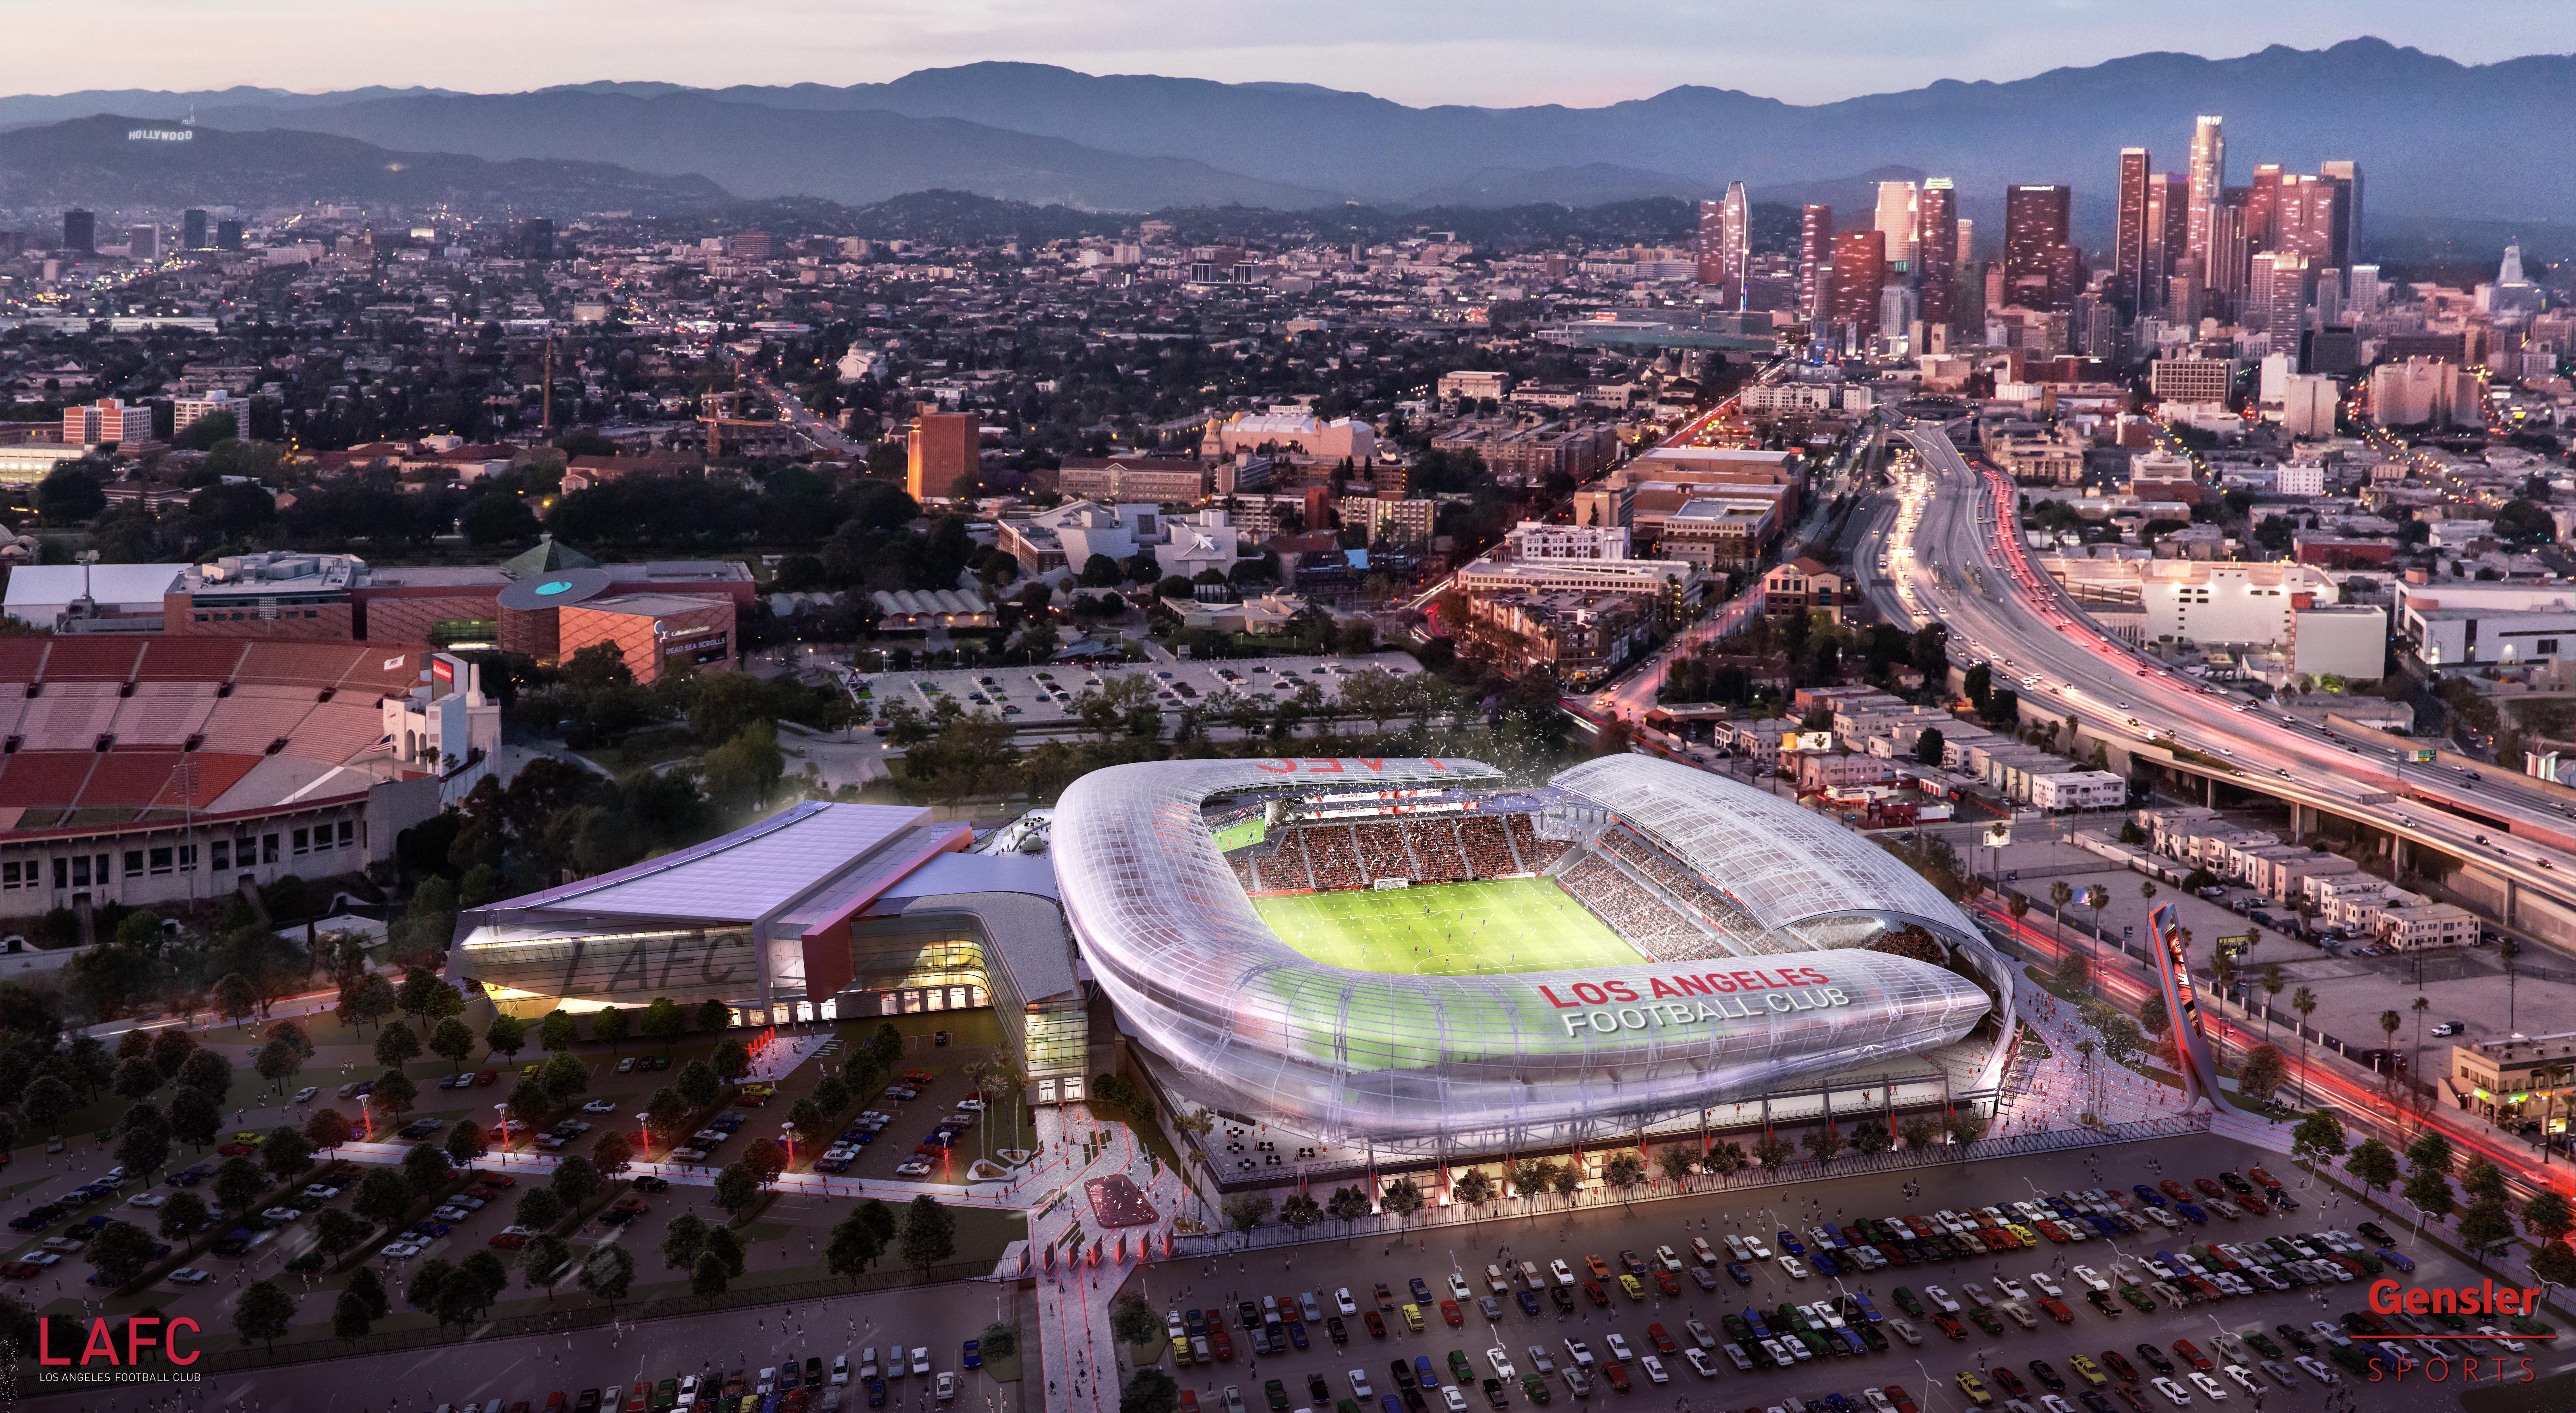 LAFC stadium rendering